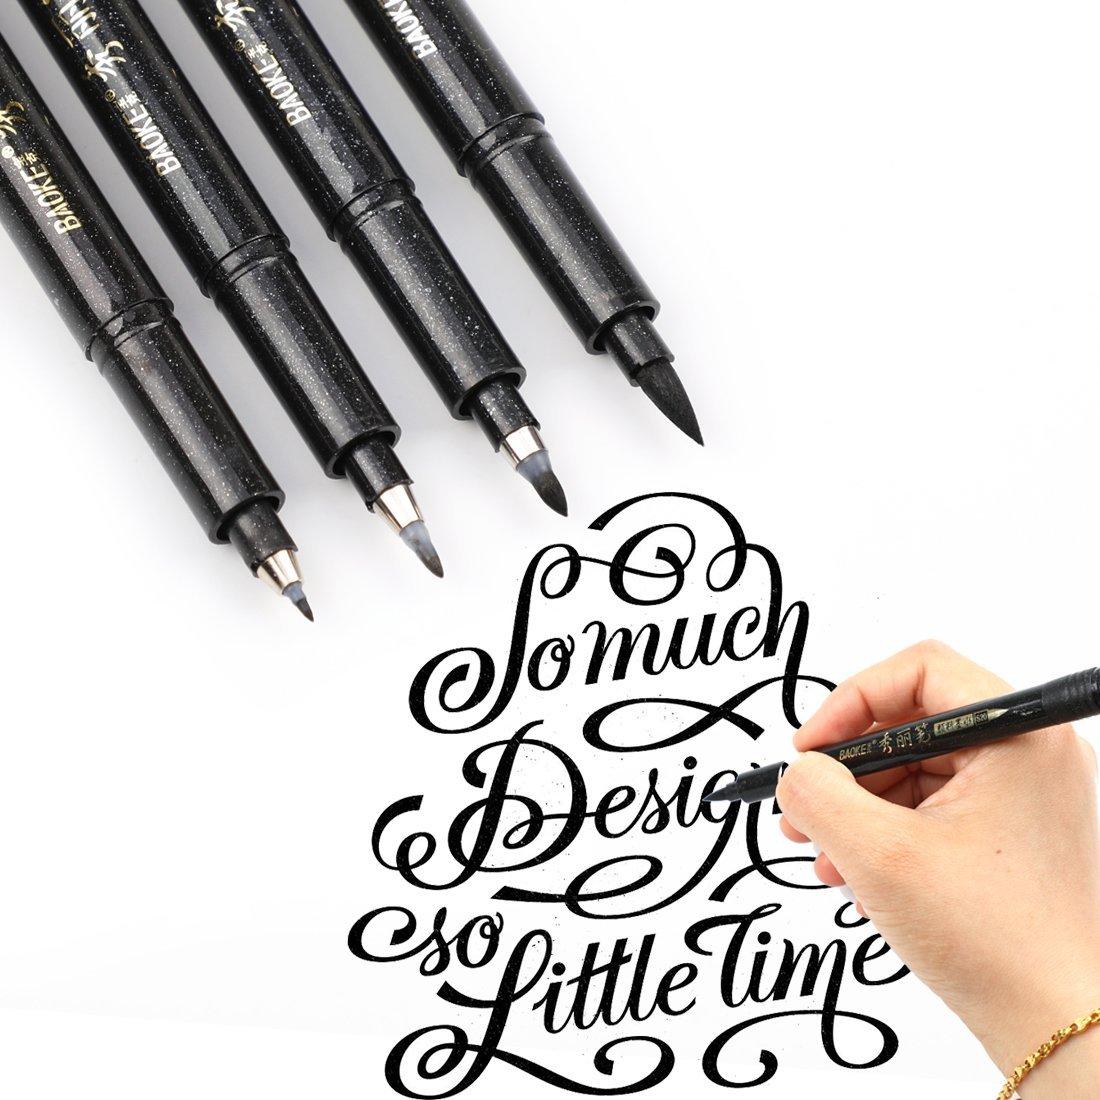 pincel-de-caligrafia-japonesa-china-suministros-de-arte-para-manualidades-herramientas-de-escritura-para-oficina-y-escuela-4-unids-lote